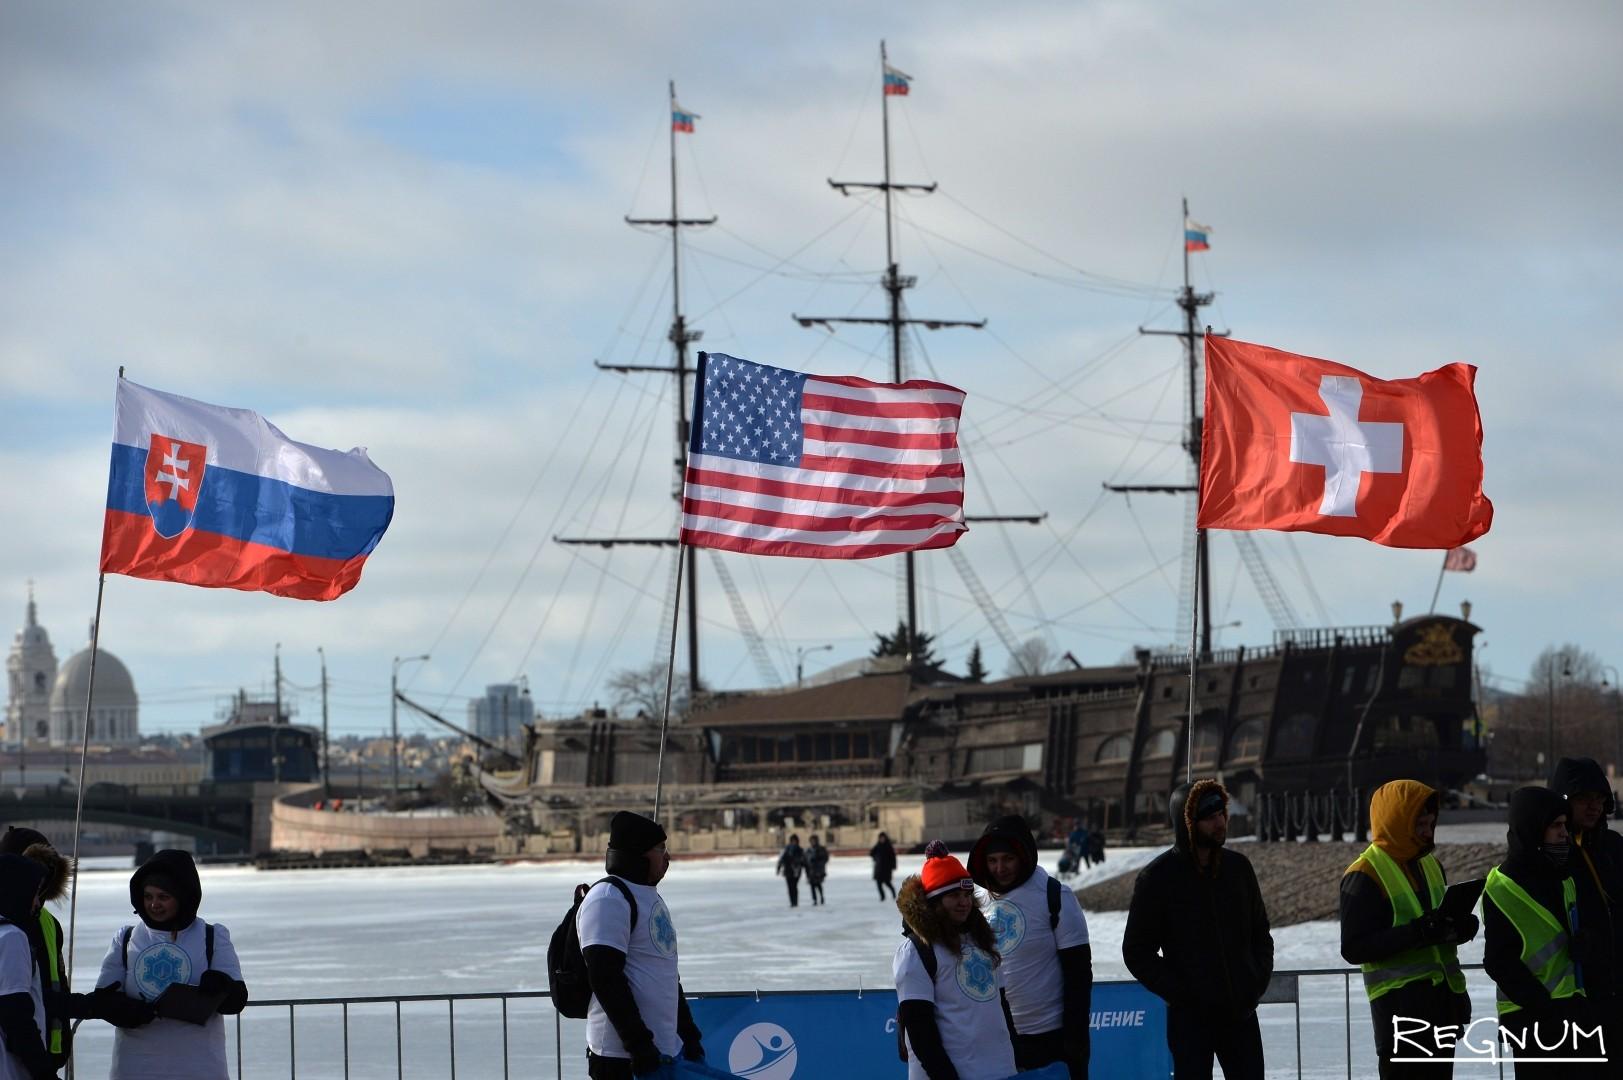 Соревнования по зимнему плаванию на Кубок Большой Невы, в вырубленном во льду Невы бассейне у Трубецкого бастиона Петропавловской крепости